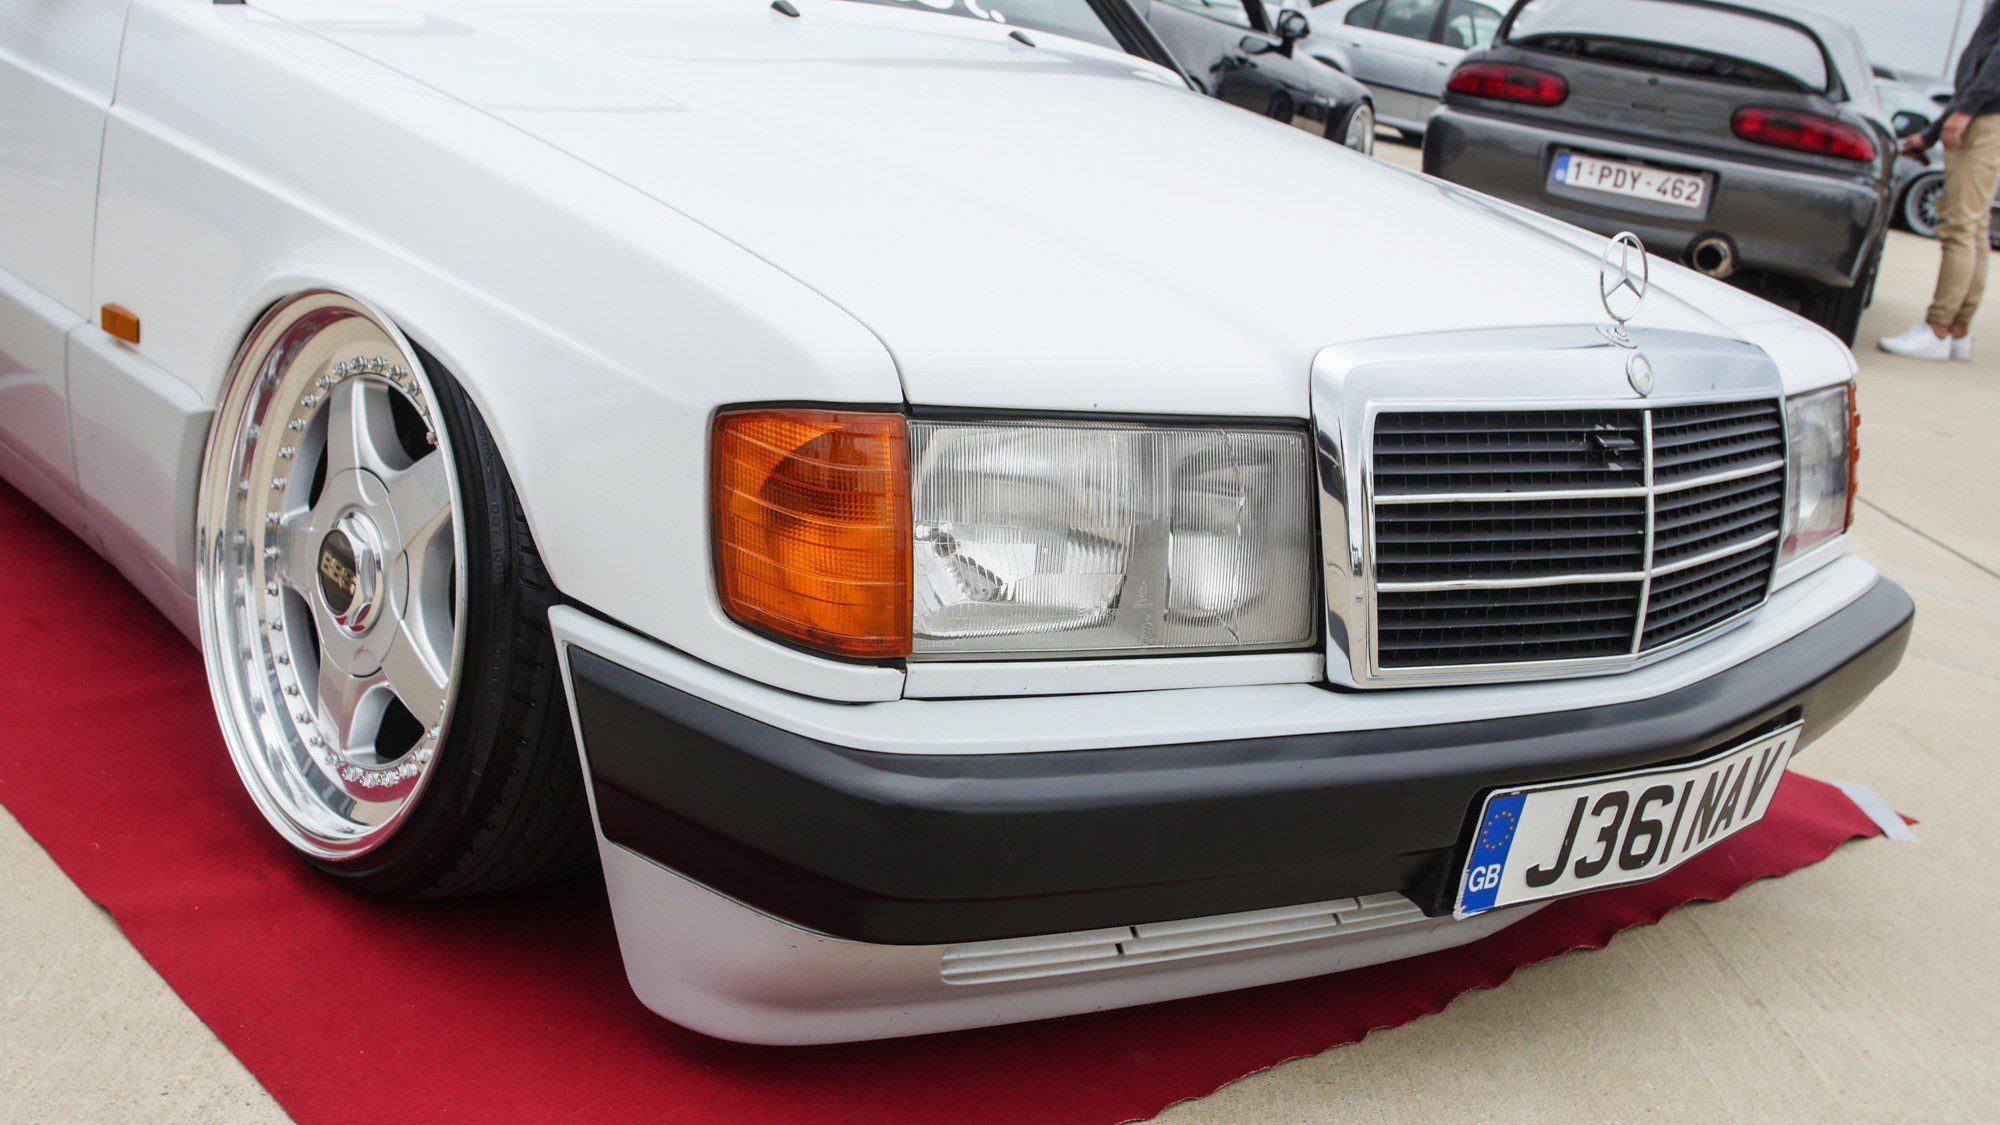 Frontpartie des Mercedes-Benz 190